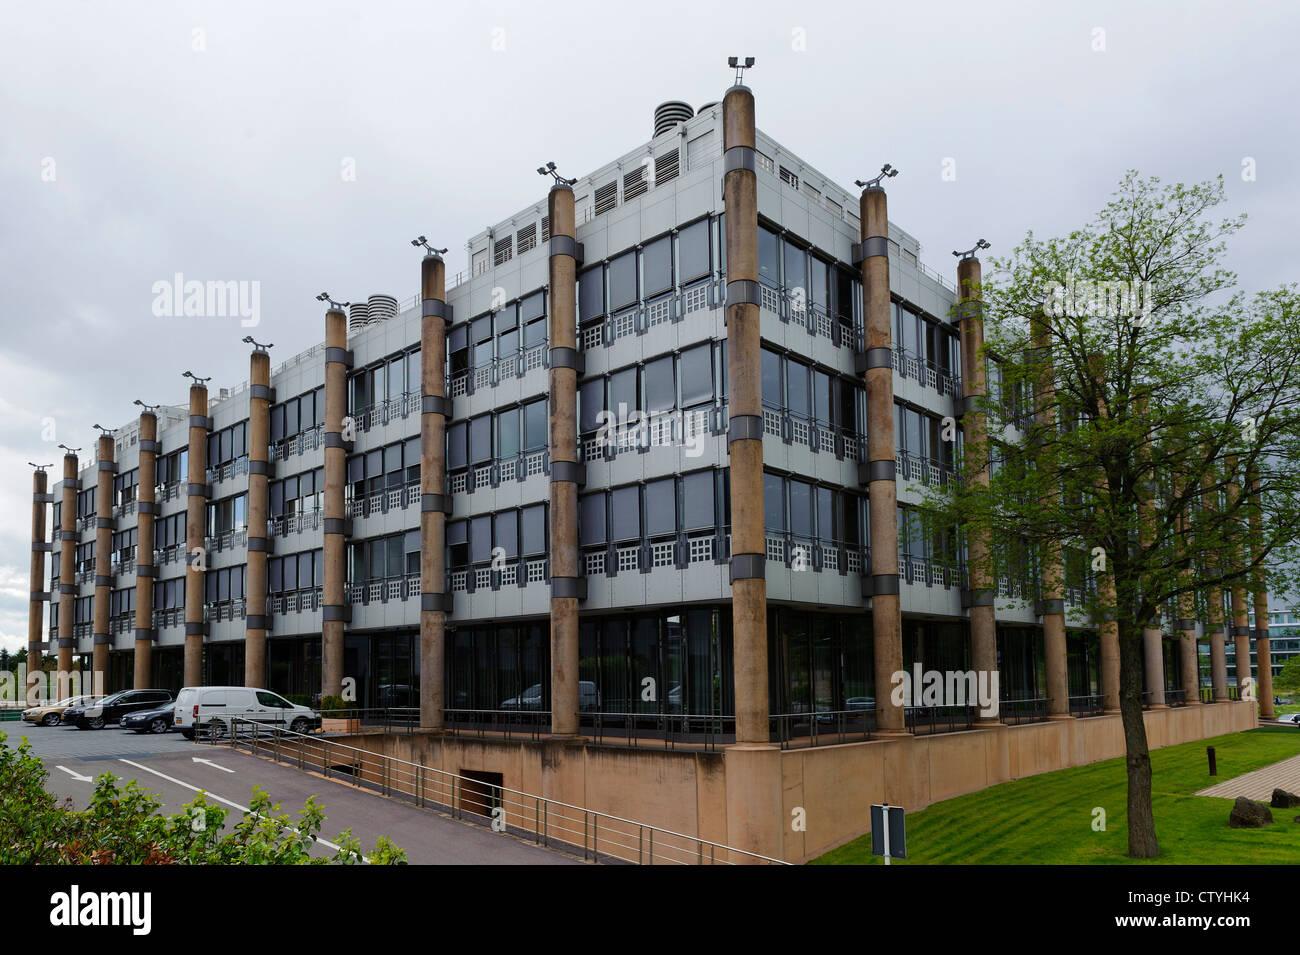 Architekt Luxemburg deutsche bank in bank viertel bankenviertel architekt markus